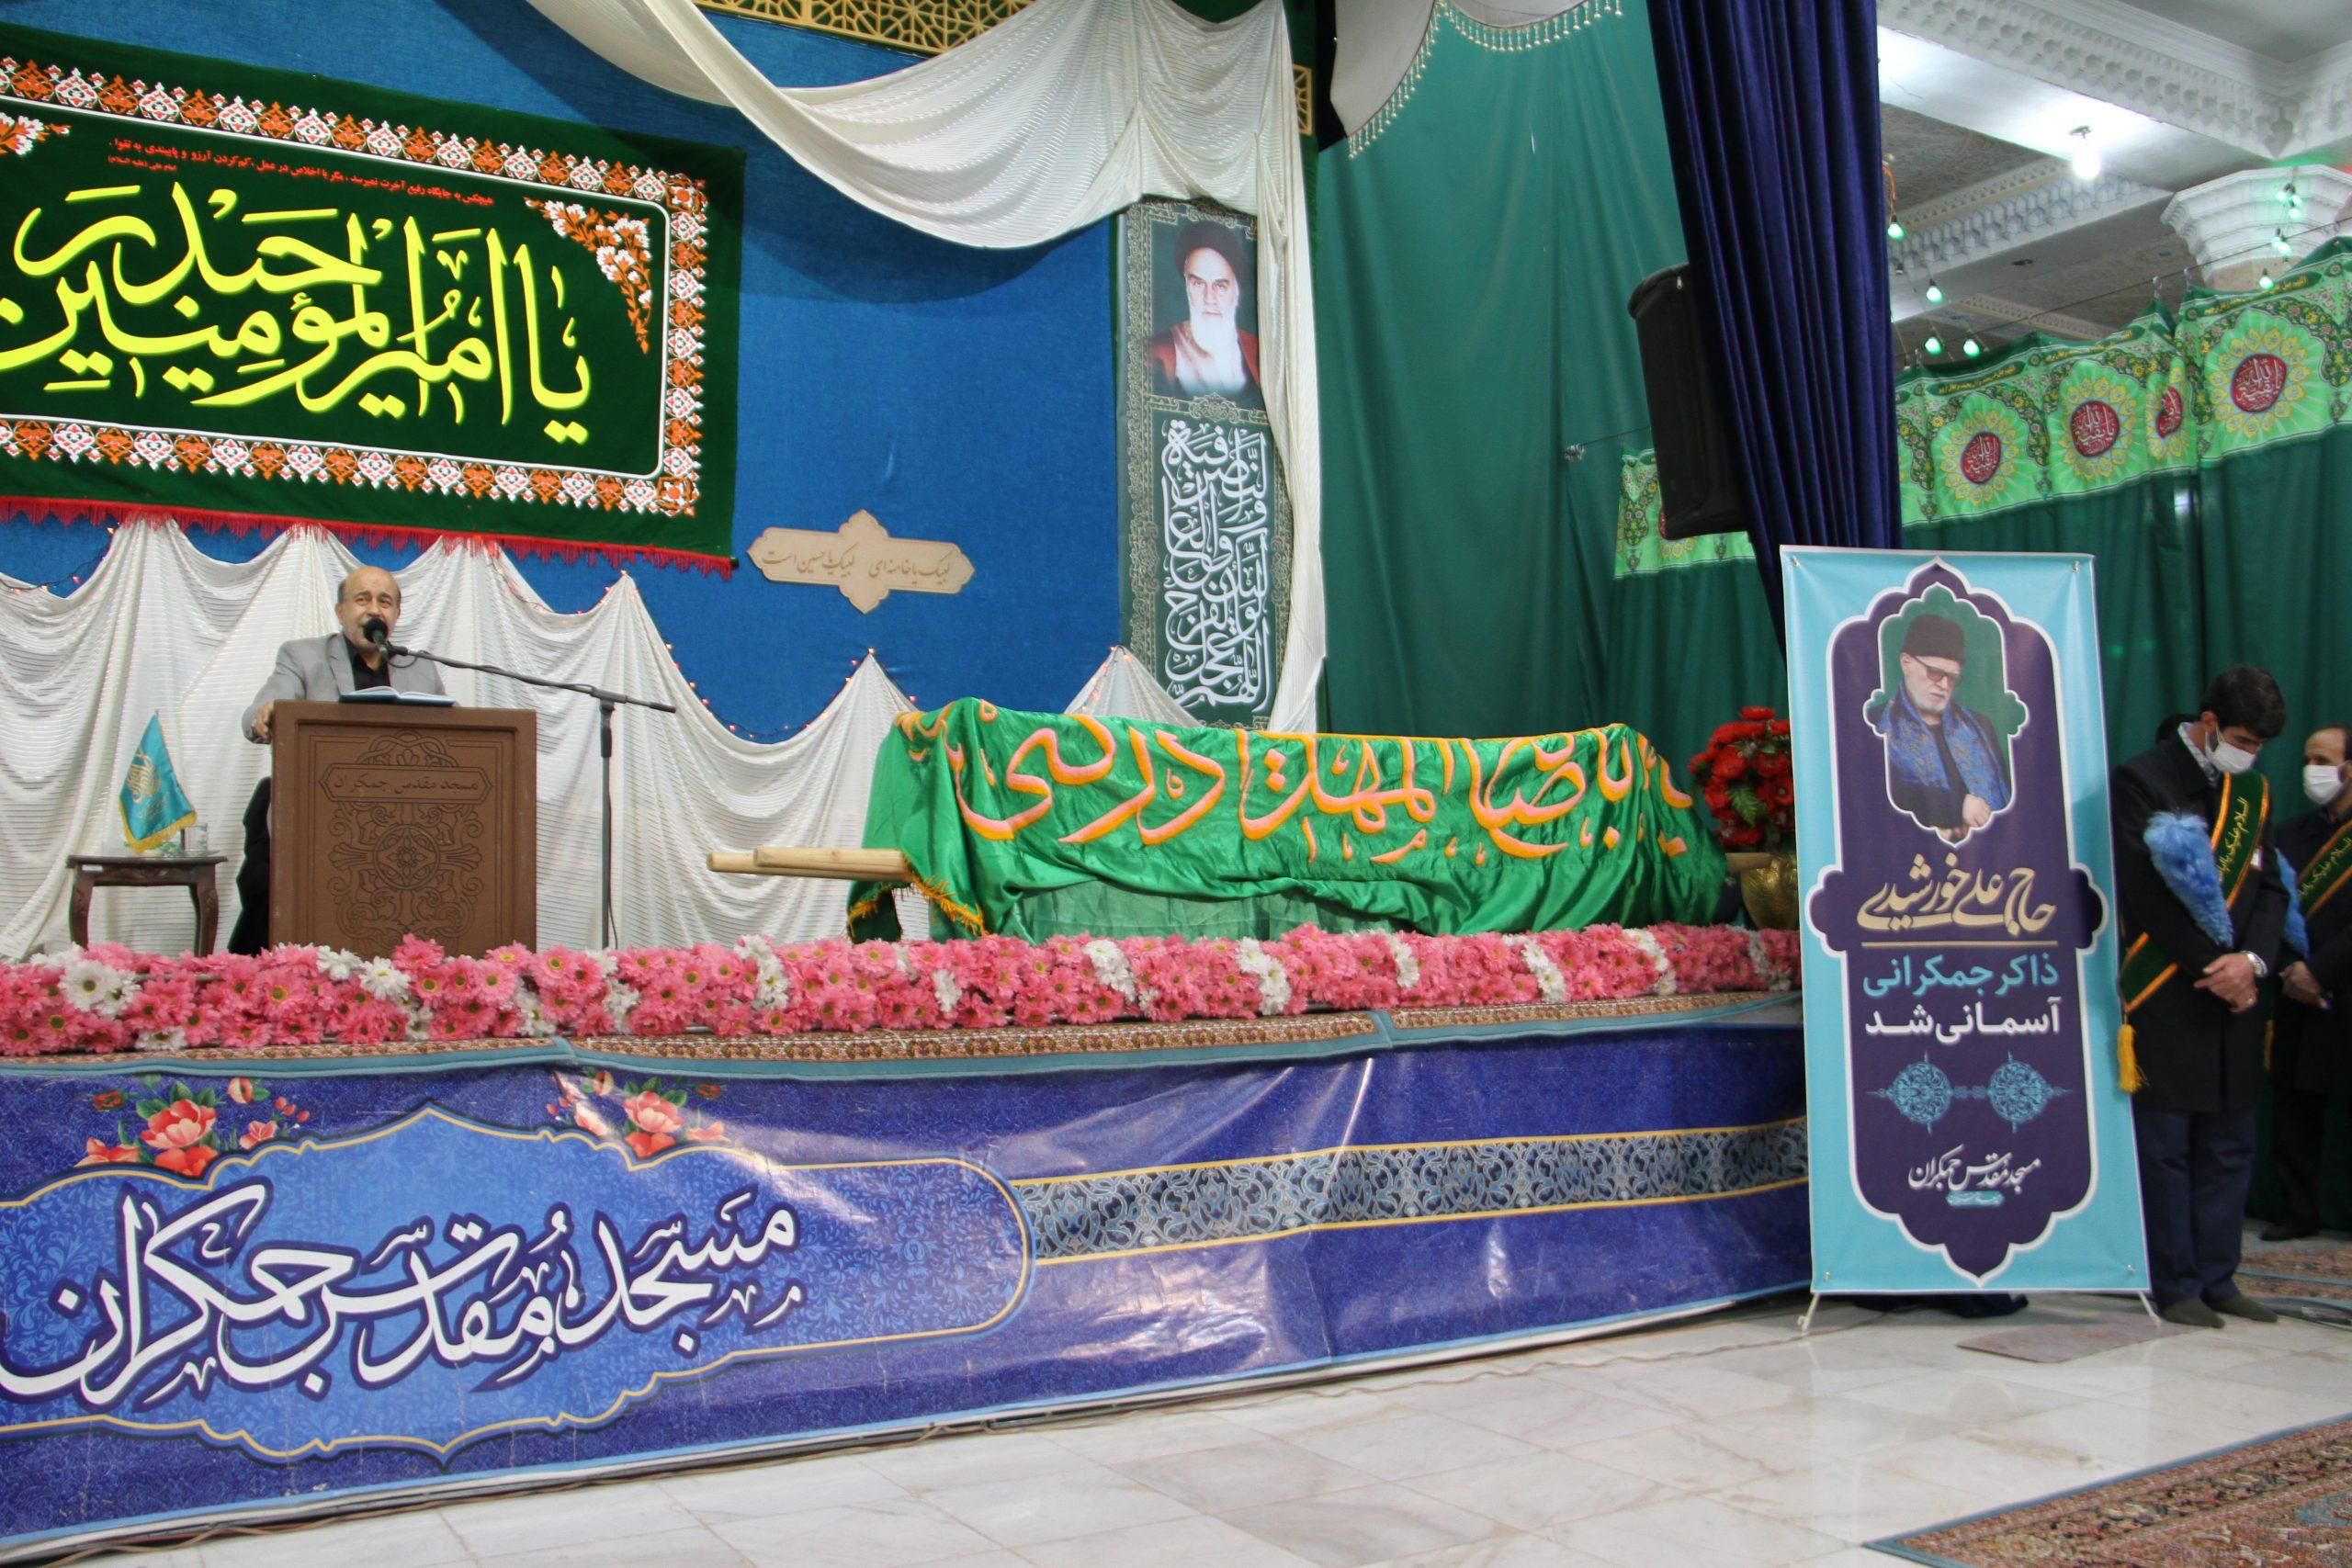 وداع با پیکر مرحوم حاج علی خورشیدی در مسجد مقدس جمکران